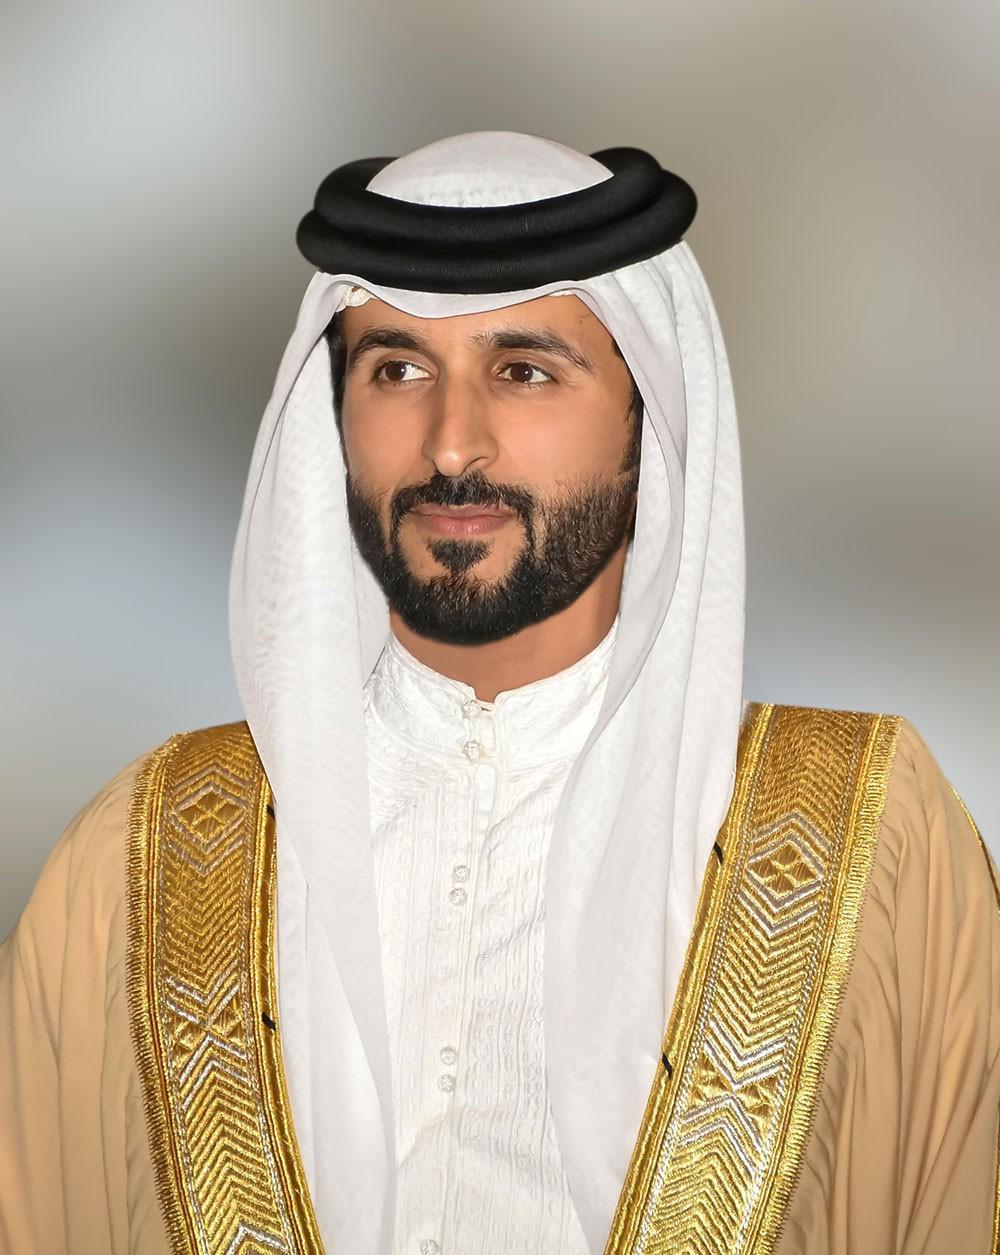 ناصر بن حمد: الميثاق شكل مرتكزا أساسيا لمشروع وطني اصلاحي رائد